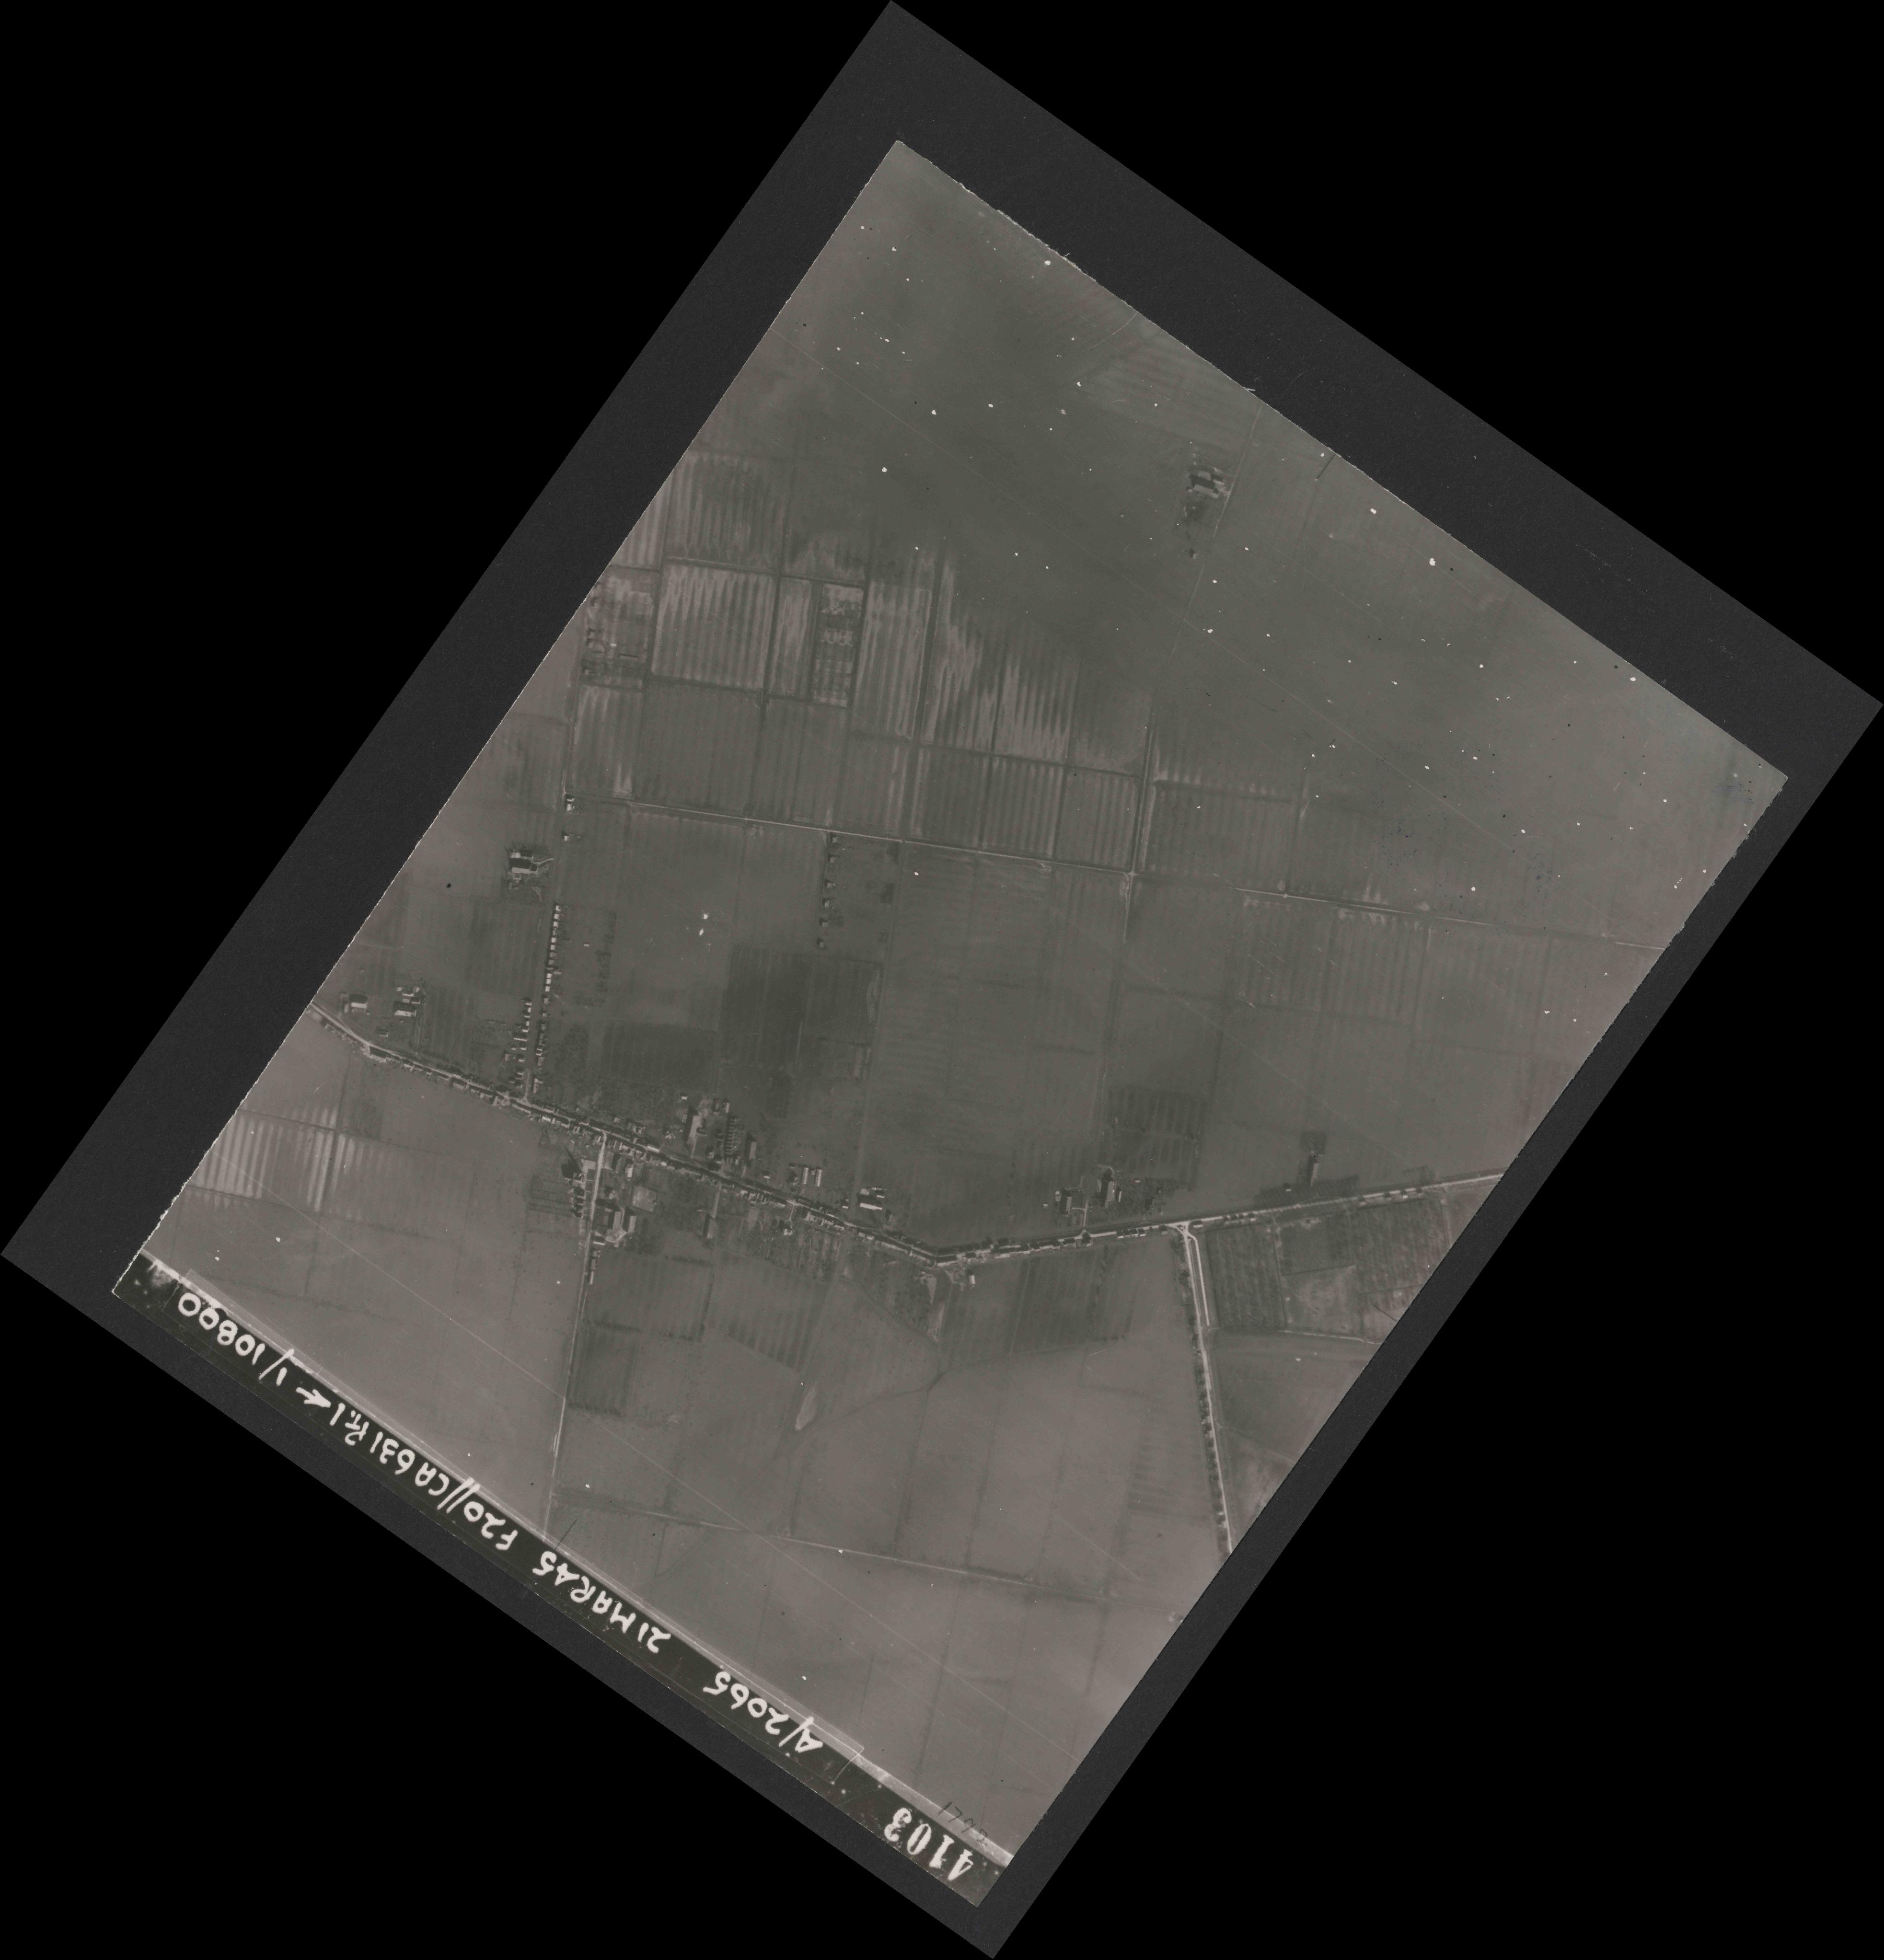 Collection RAF aerial photos 1940-1945 - flight 308, run 06, photo 4103